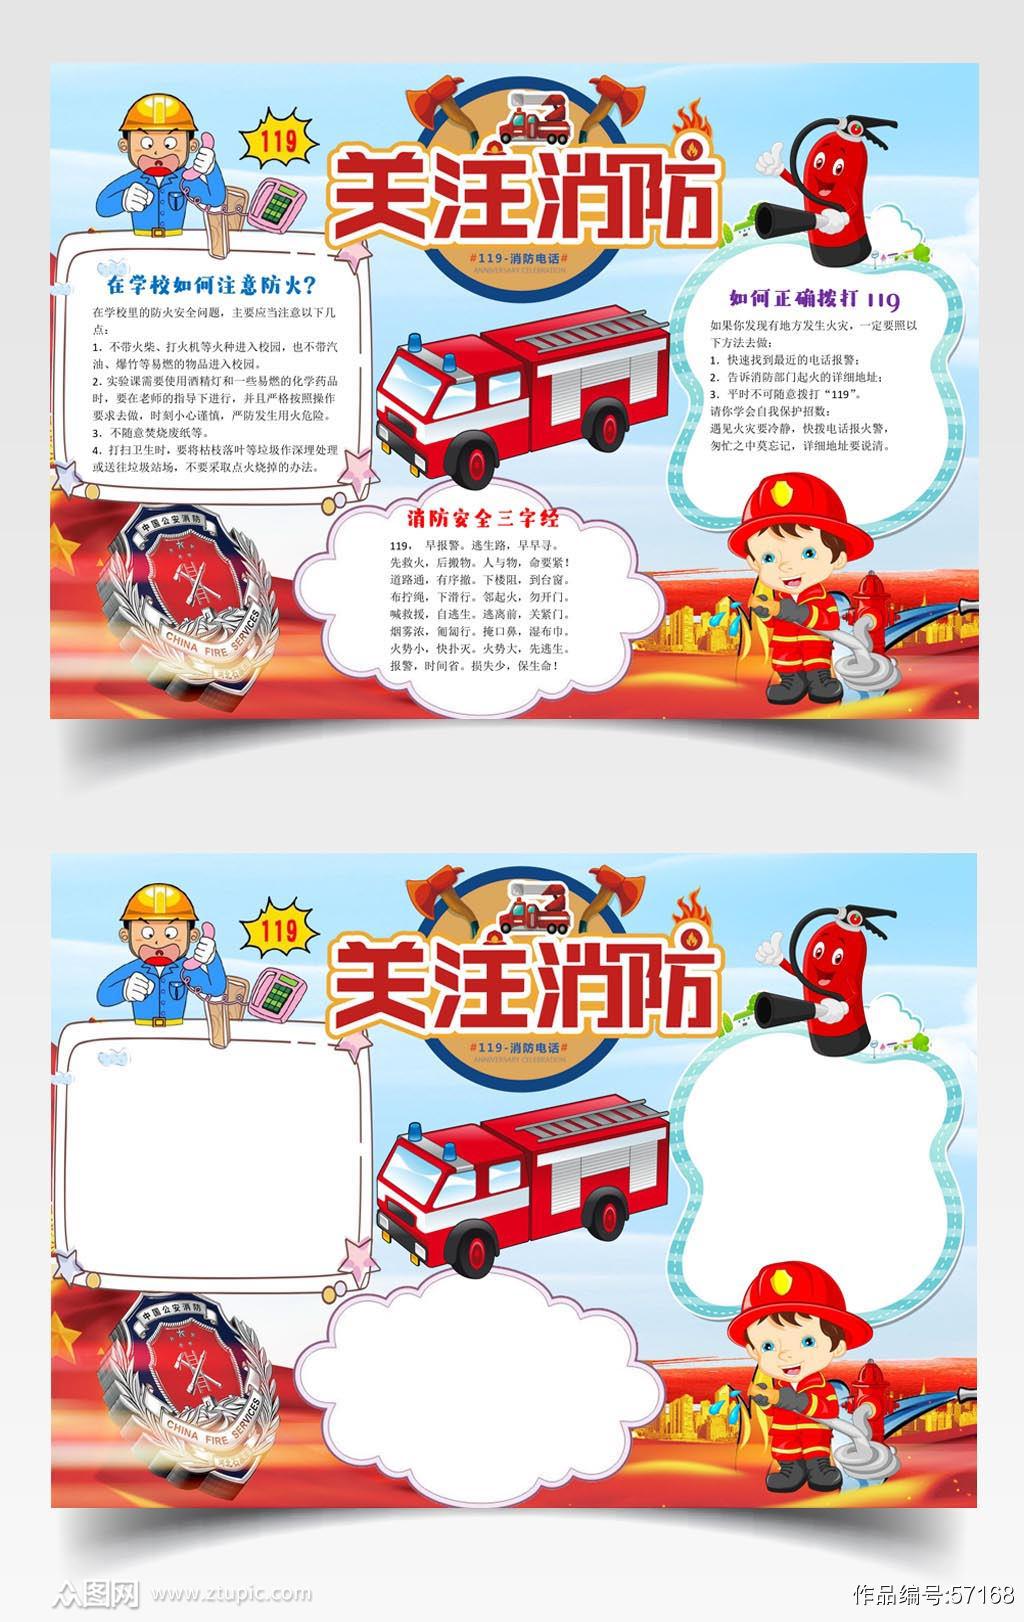 卡通关注消防小报素材